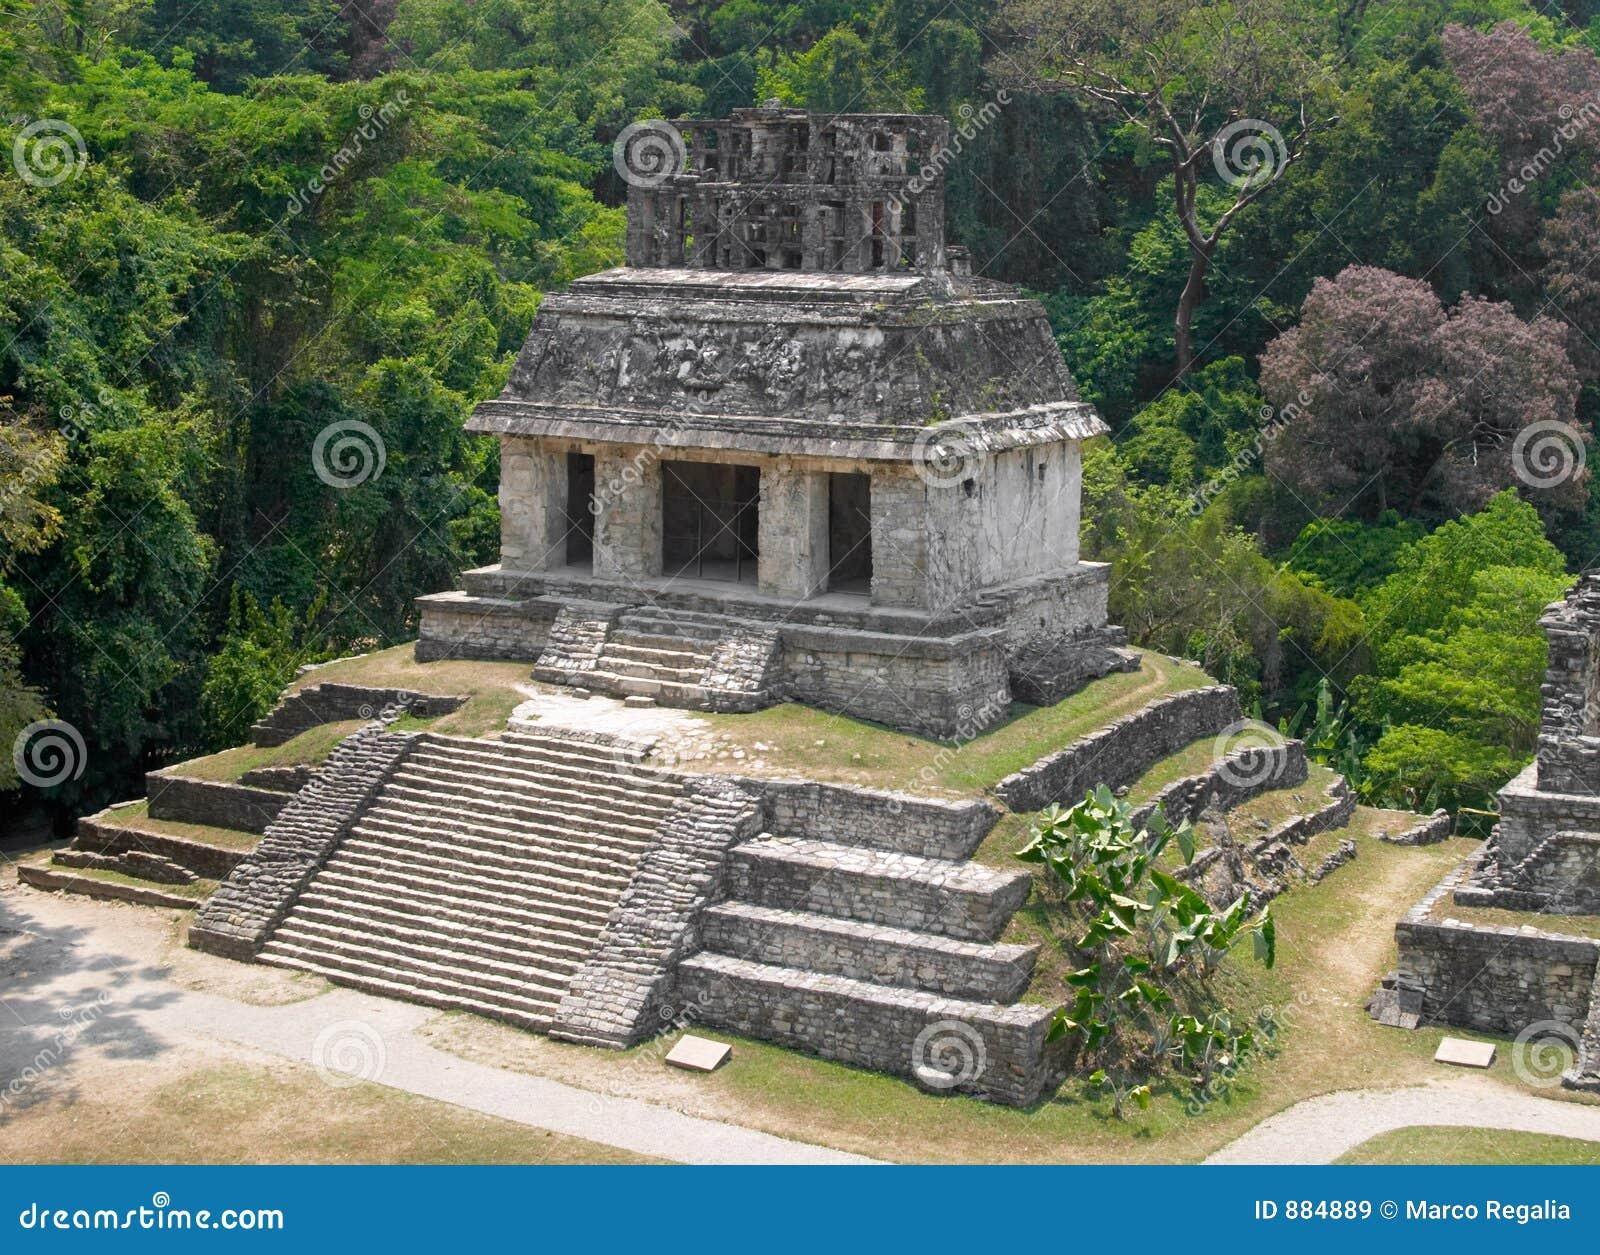 αρχαιολογική περιοχή του Μεξικού palenque